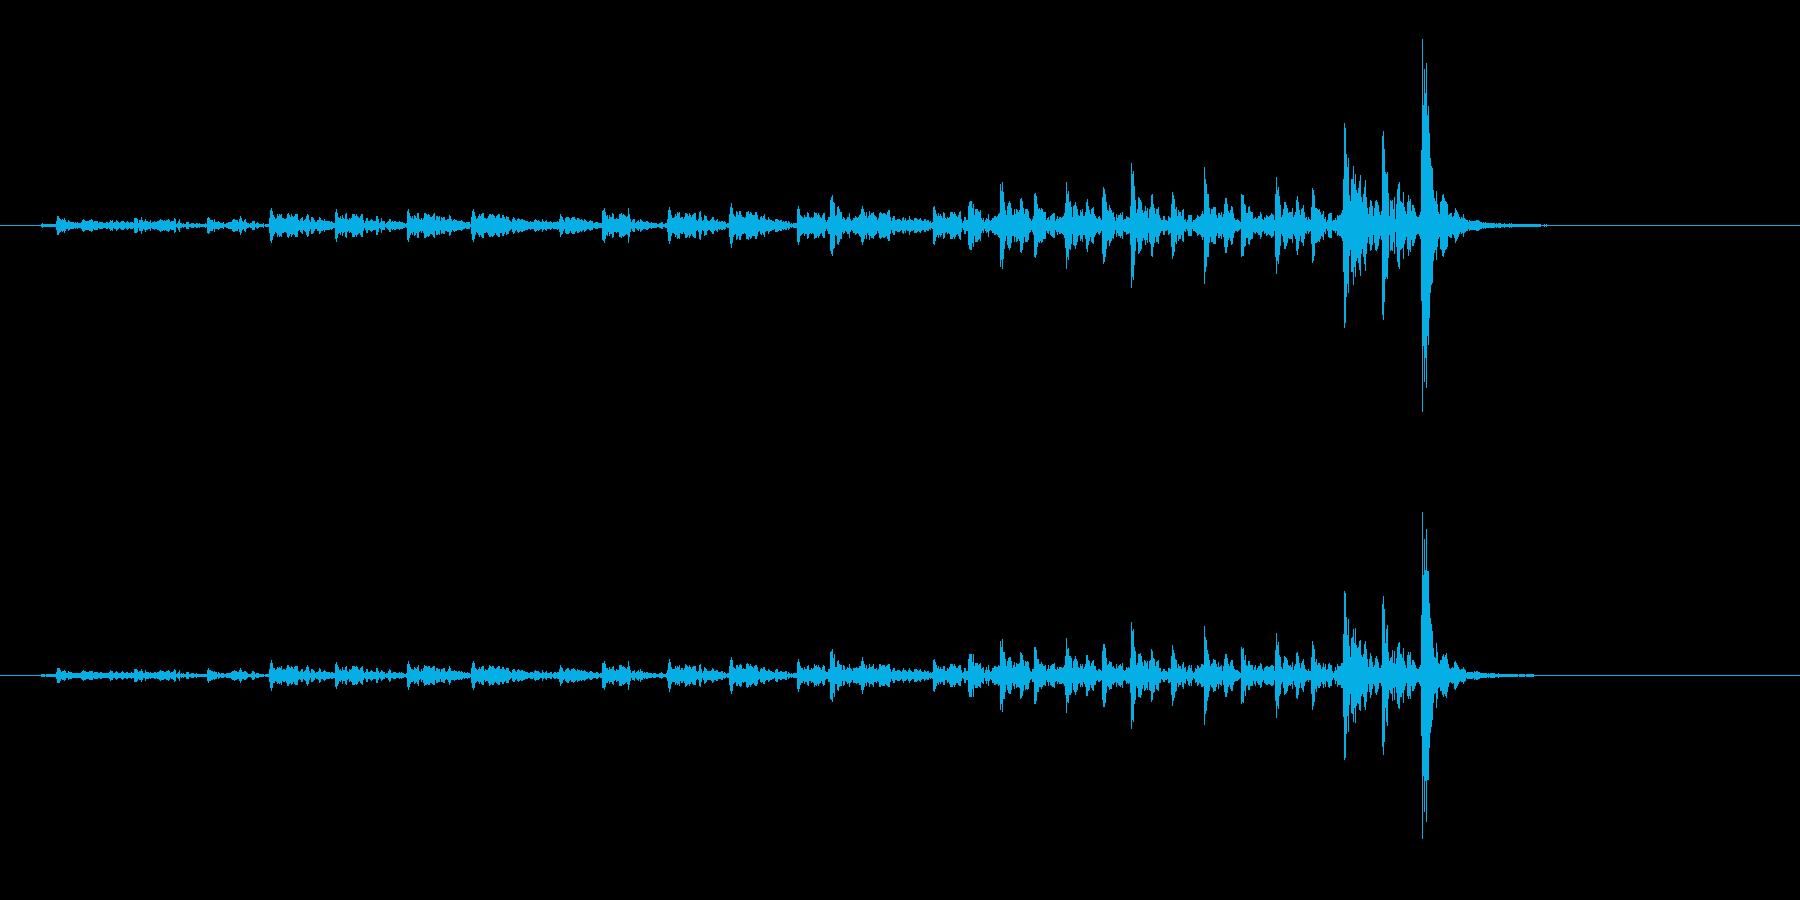 和太鼓の桶胴(おけどう)のフレーズ音の再生済みの波形